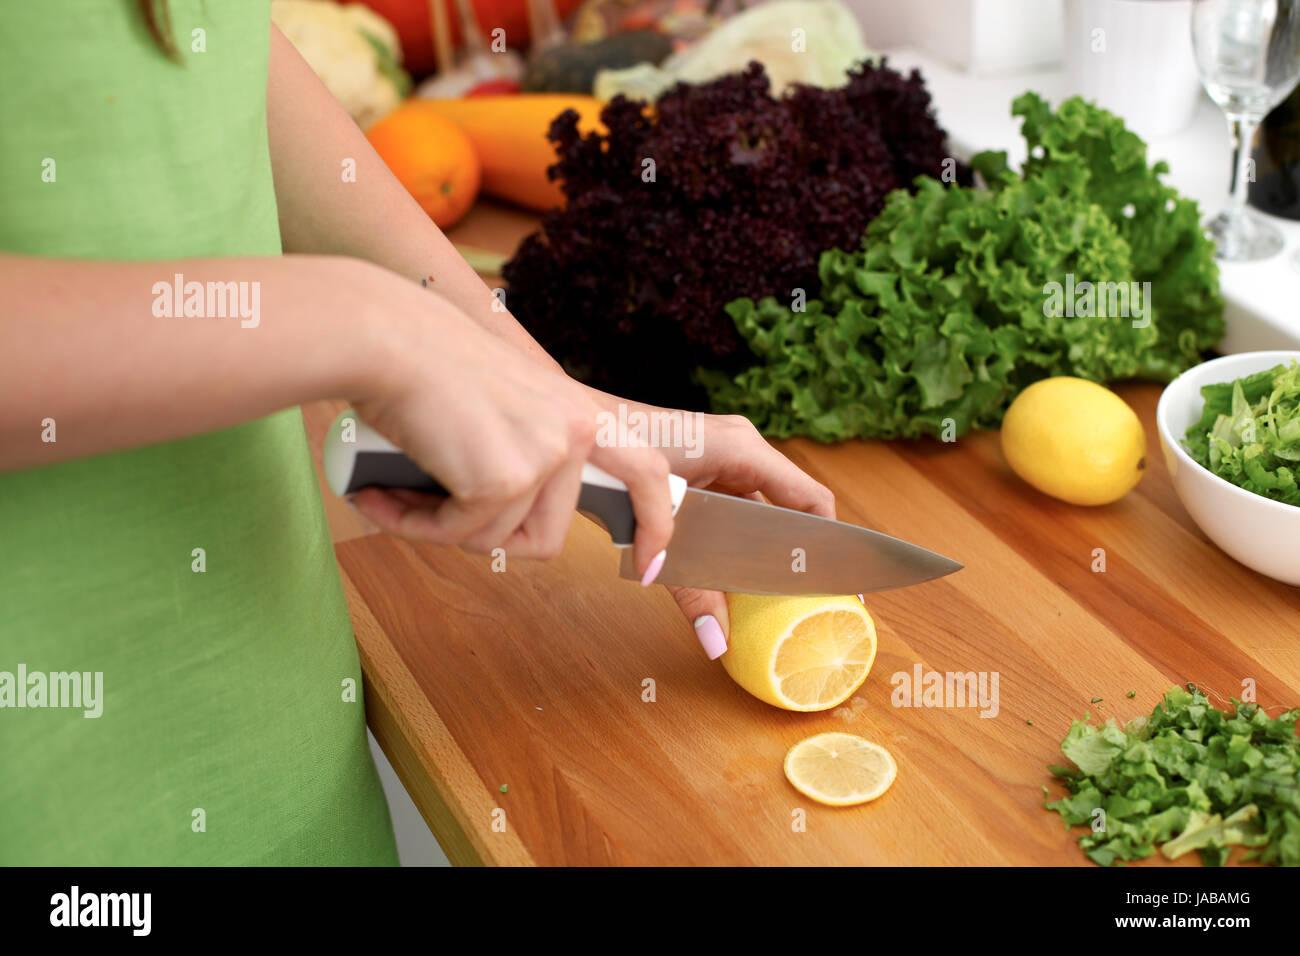 De gros plan femme mains cuisine salade de légumes en cuisine. Femme au foyer coupe citron. Repas sains végétariens Photo Stock